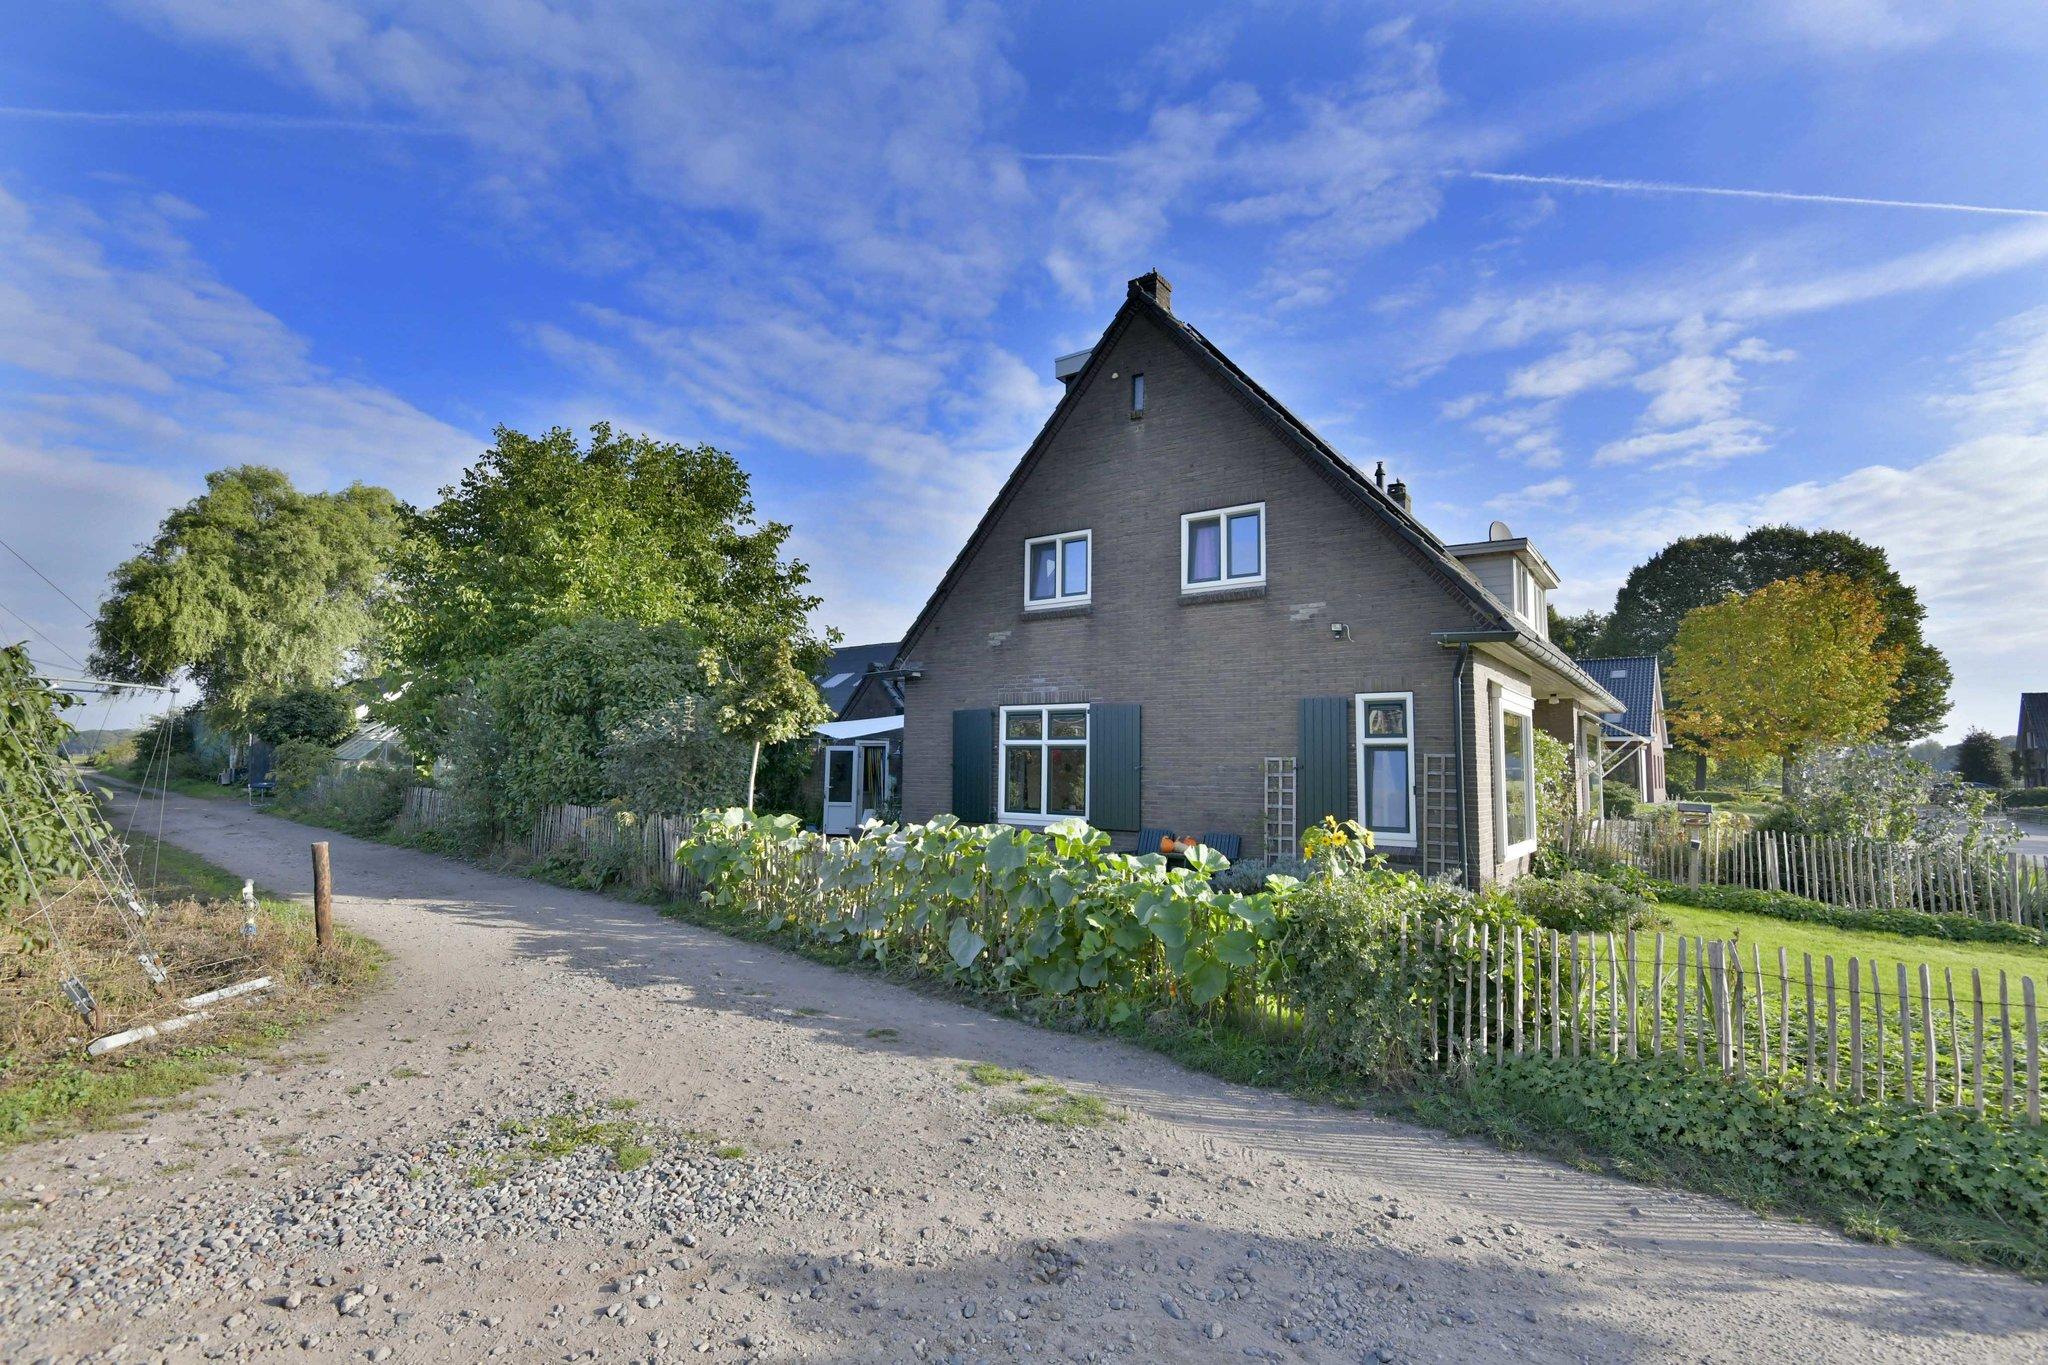 gorssel-gorsselse-enkweg-4154865-foto-4.jpg